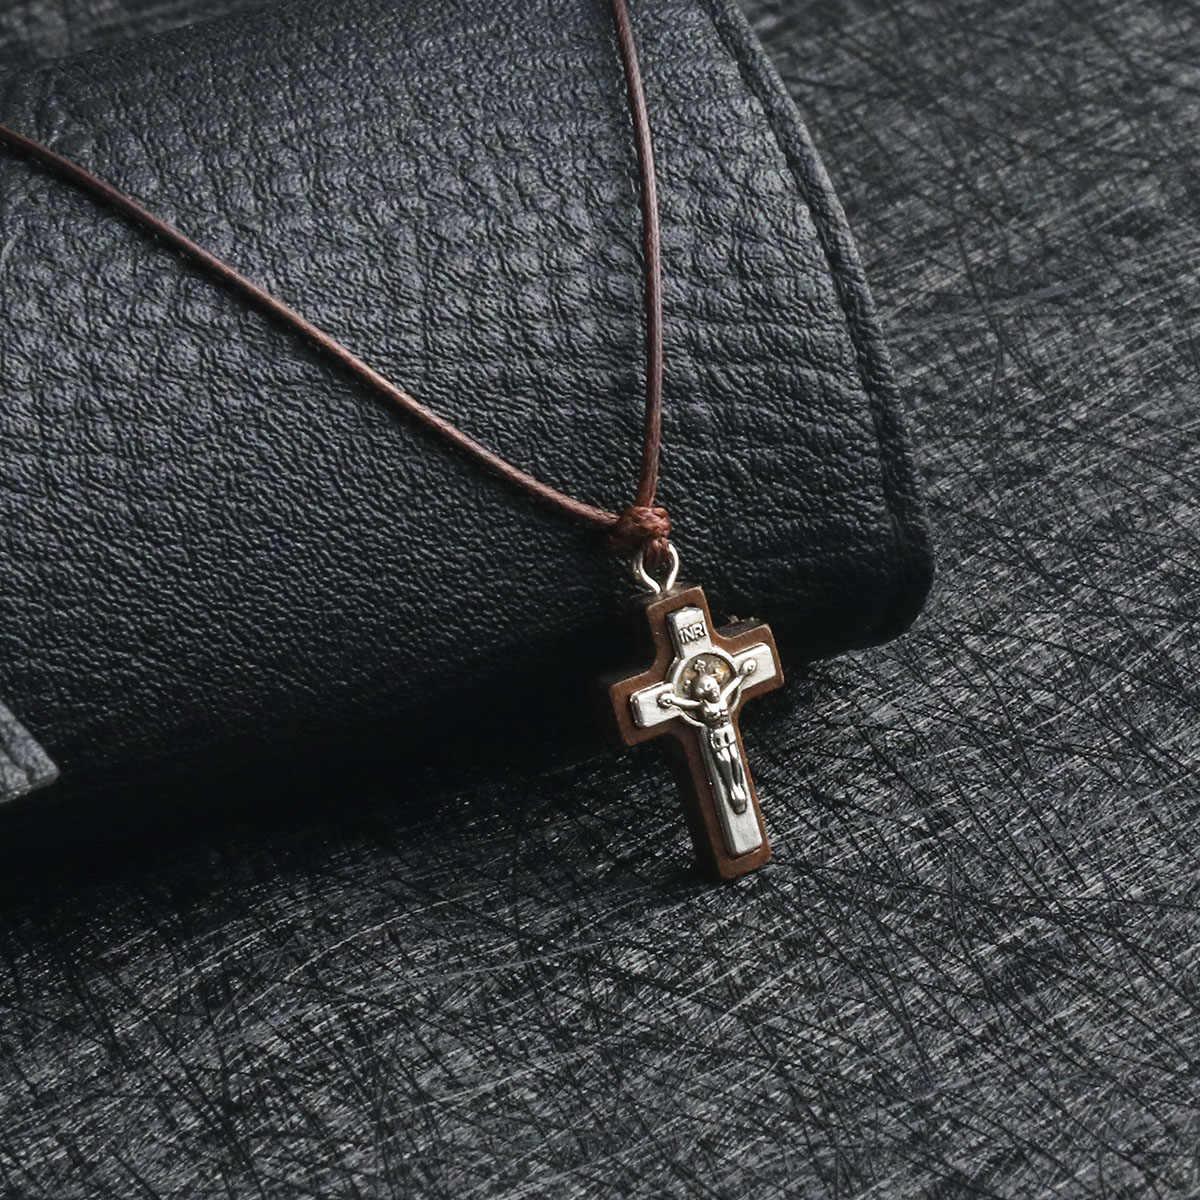 Joielavie Collier Pendentif pour Homme Femme en Bois avec Cordon Croix Crucifix Sacr/é Vintage Fait Main Bijoux Noir Brun